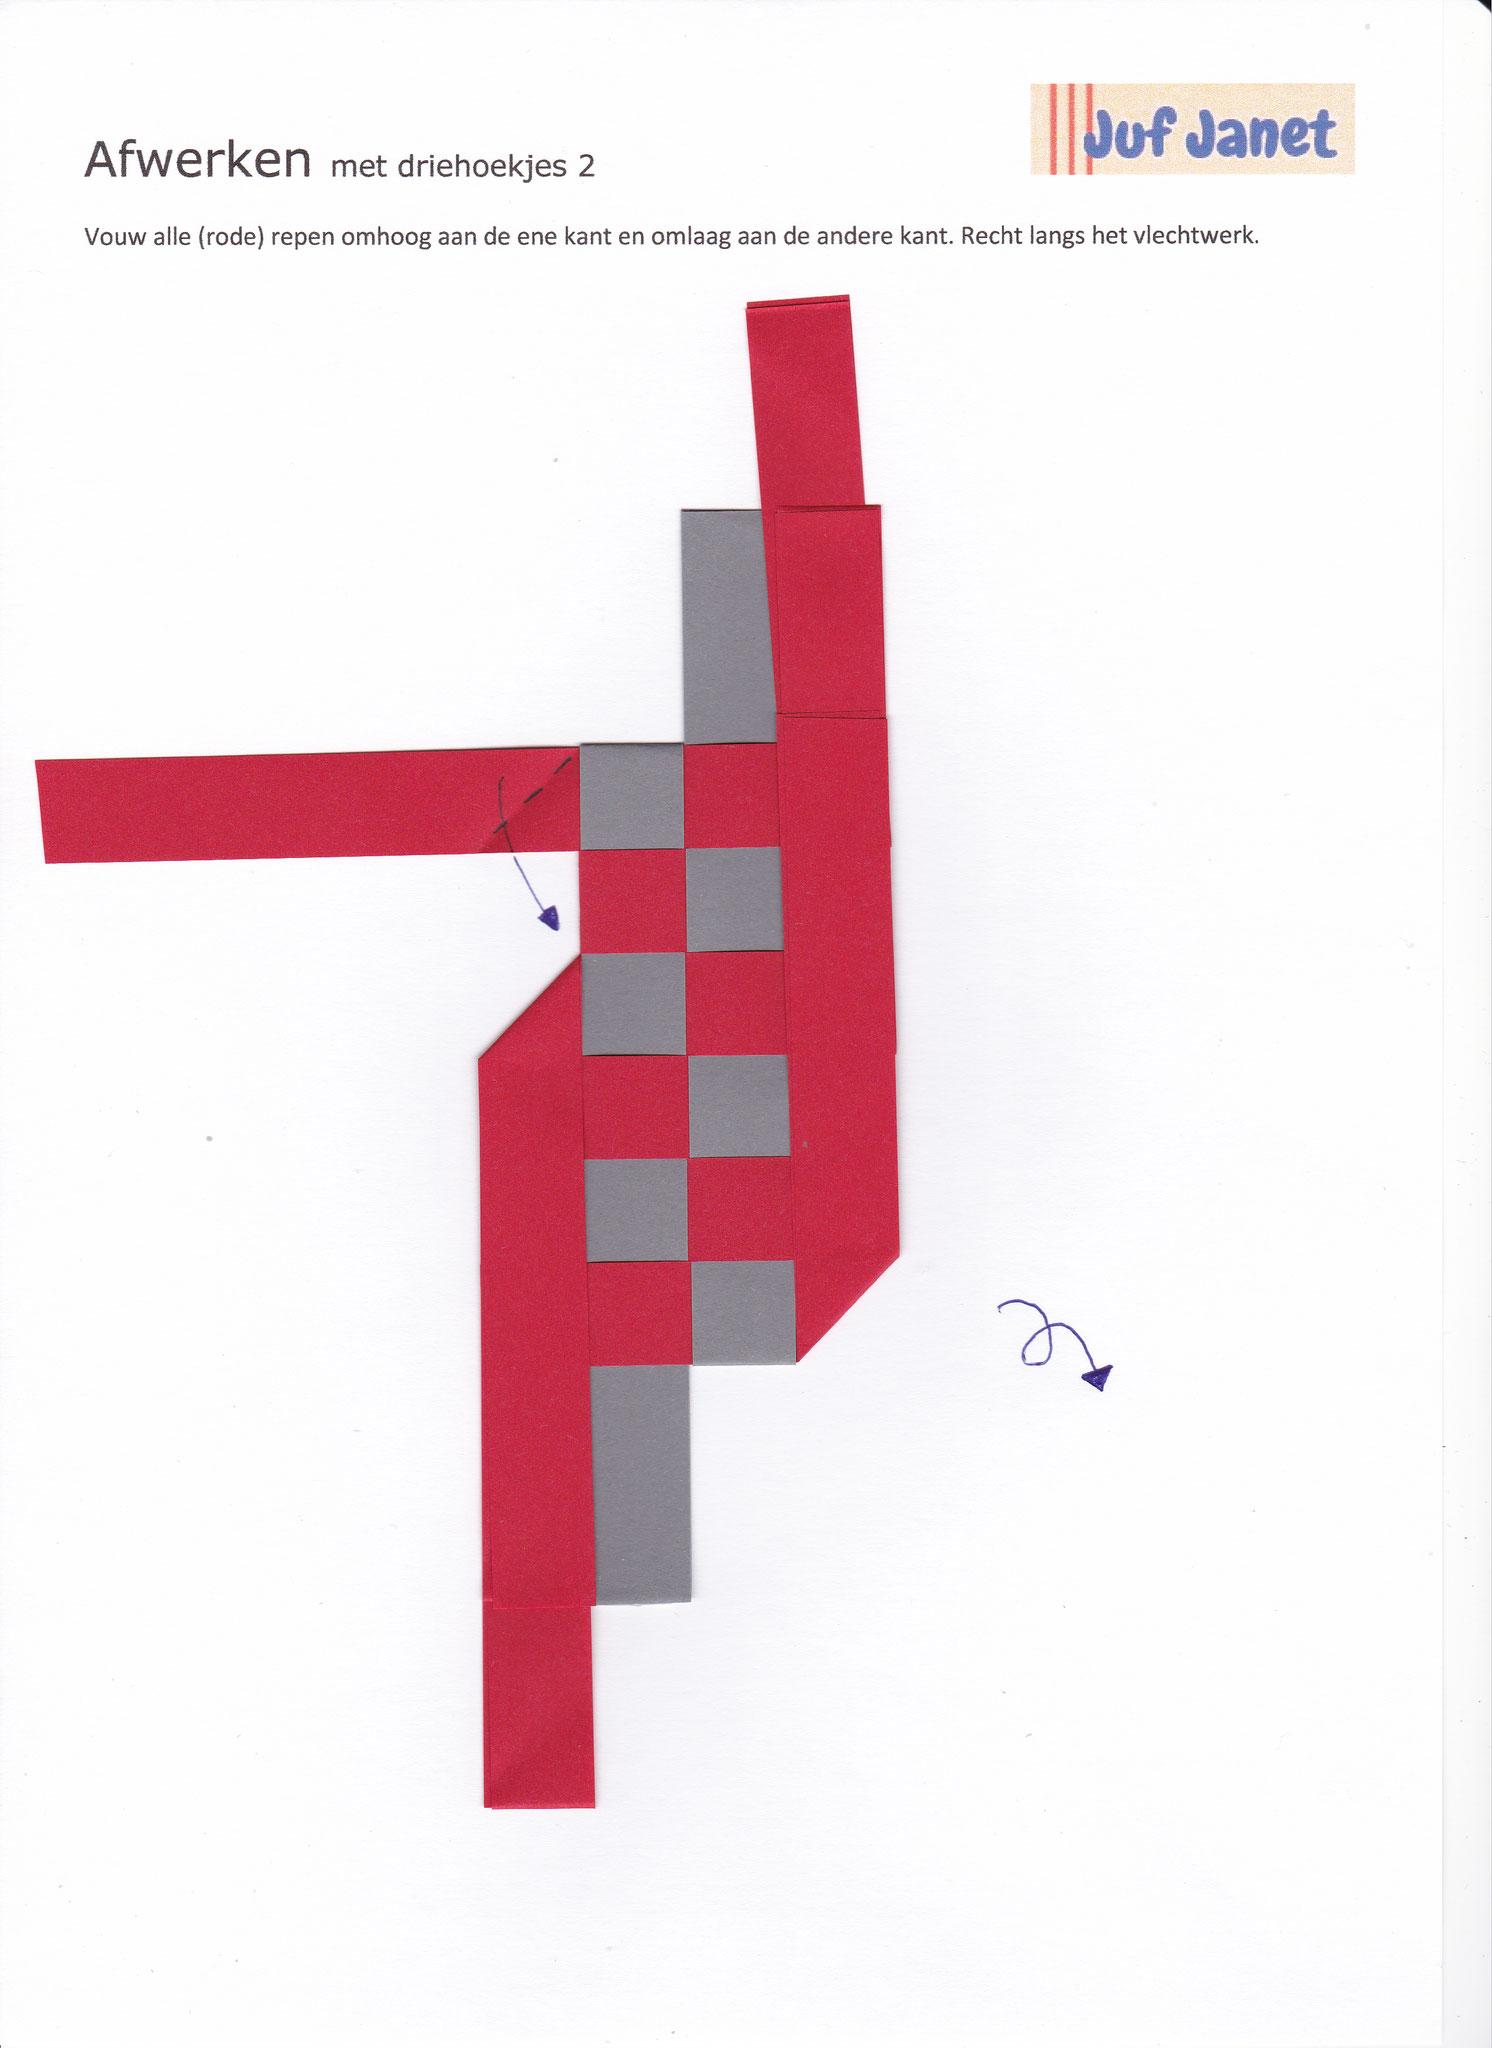 Stap 2: Vouw alle repen omhoog aan de ene kant en omlaag aan de andere kant. Recht langs het vlechtwerk.